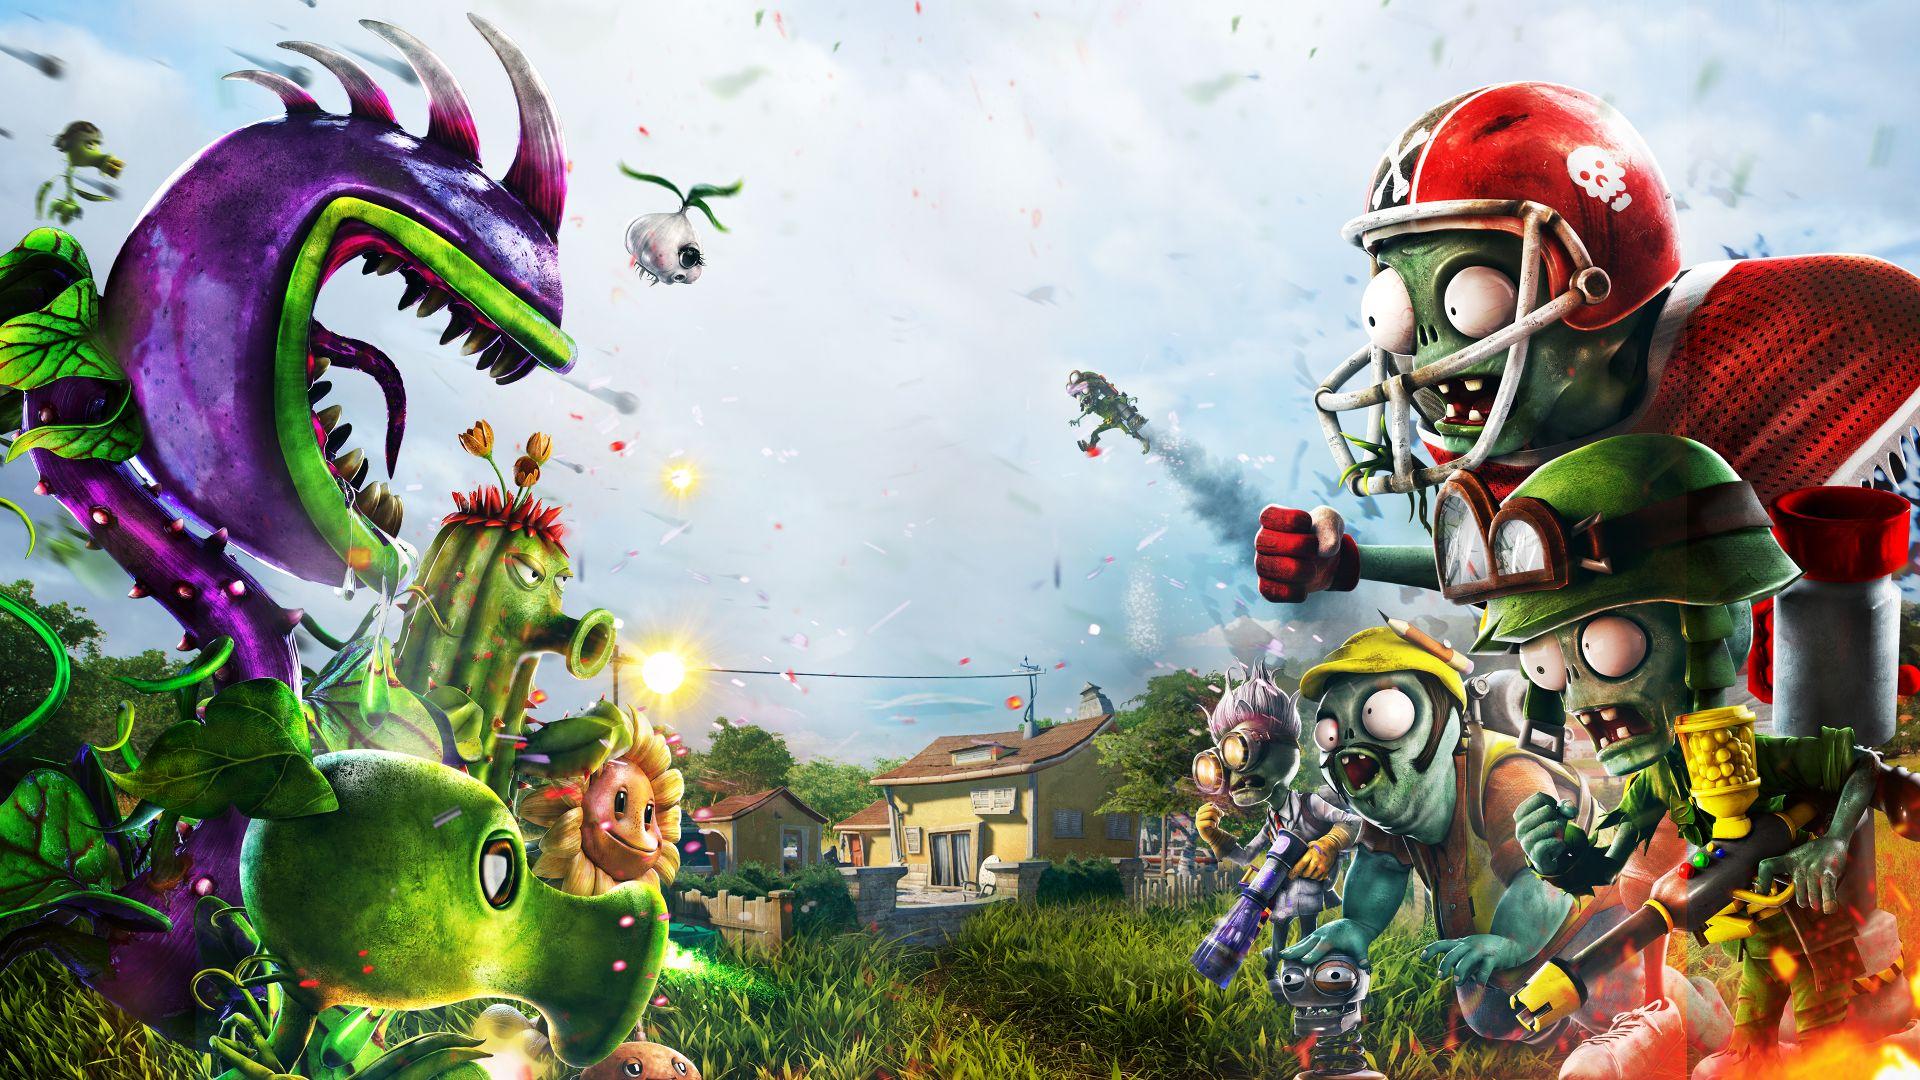 Plants vs. Zombies: garden warfare GamersRD